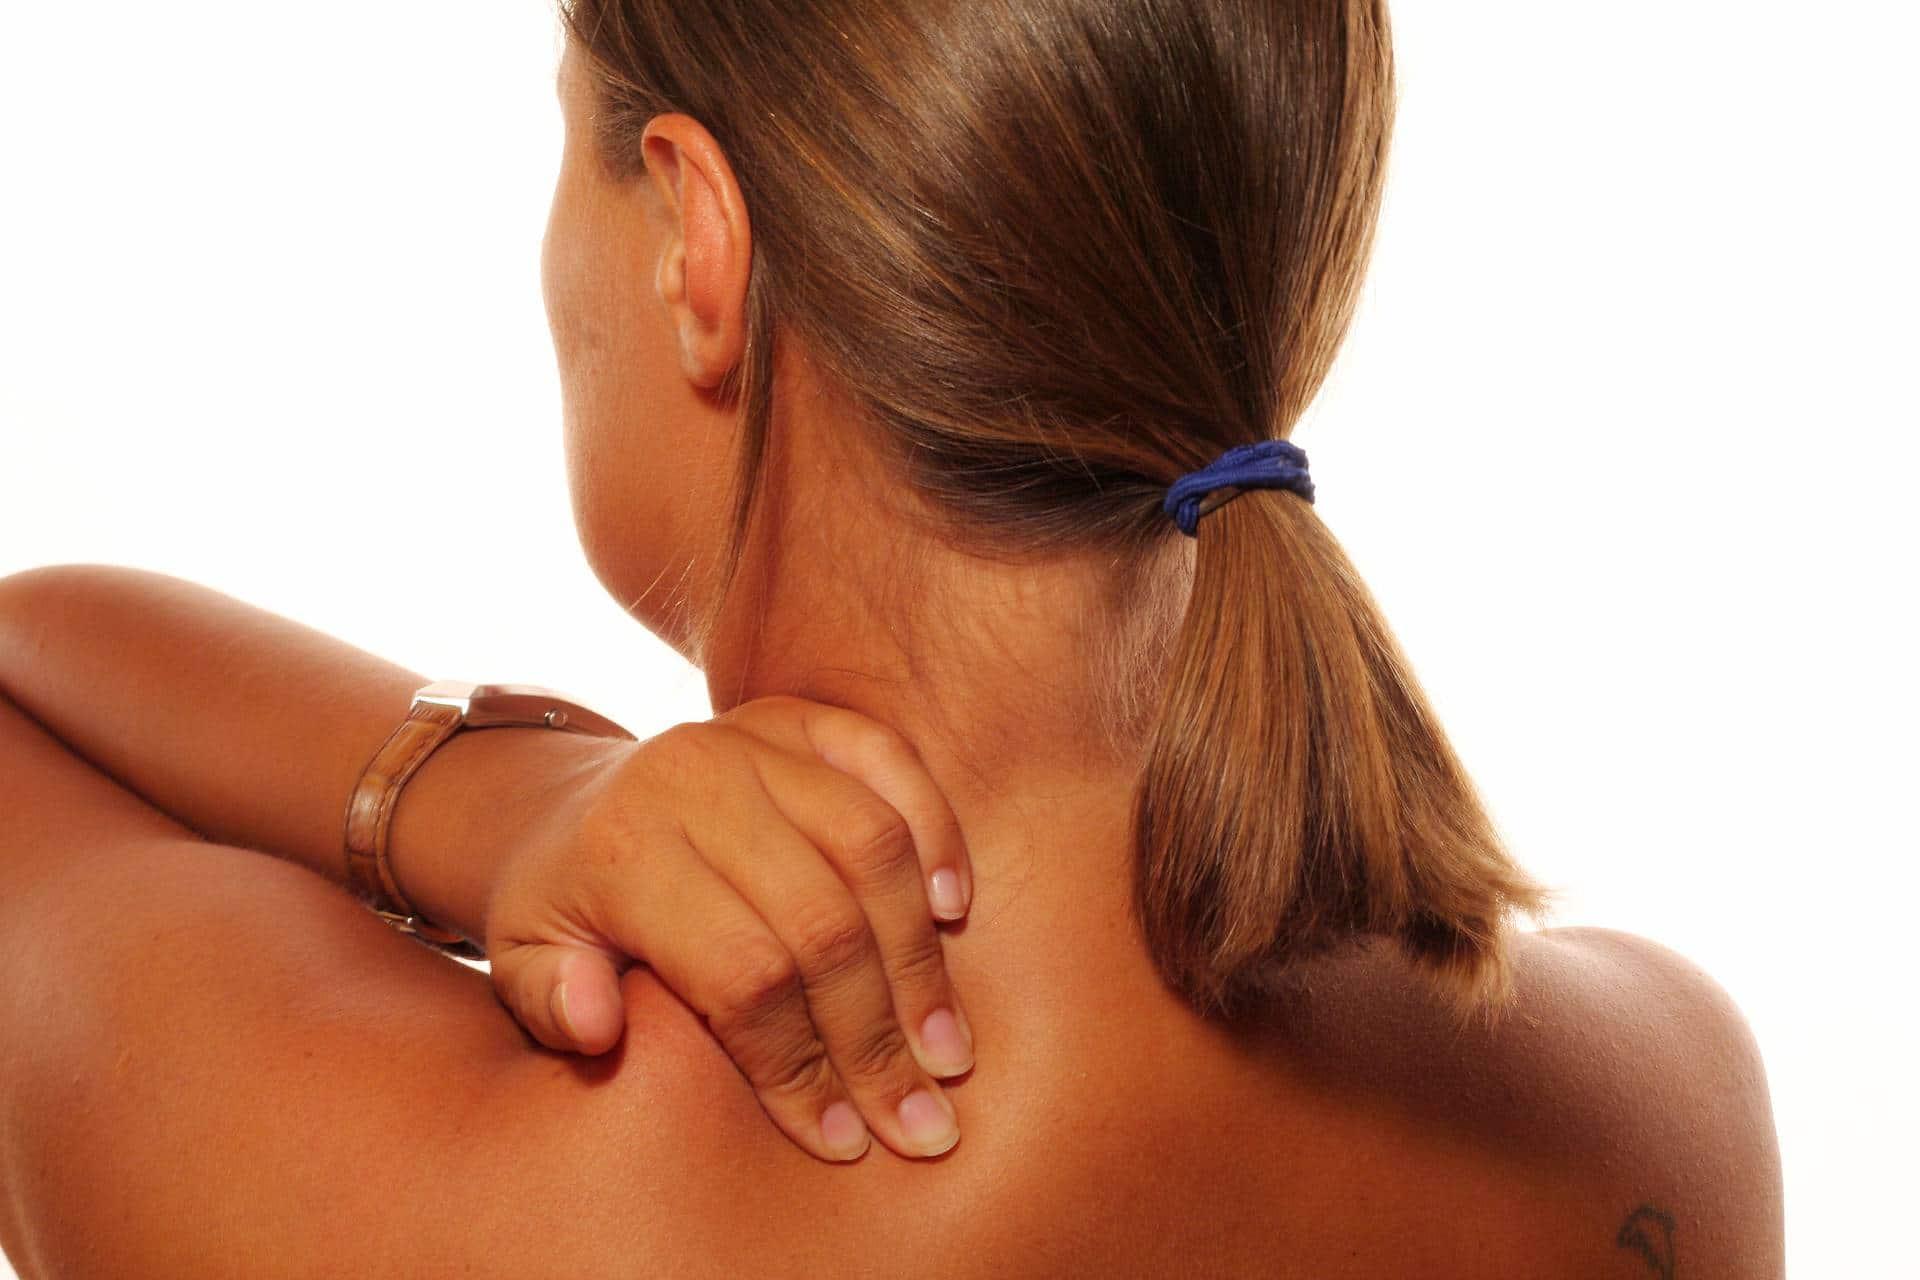 un músculo trabaja en exceso contractura